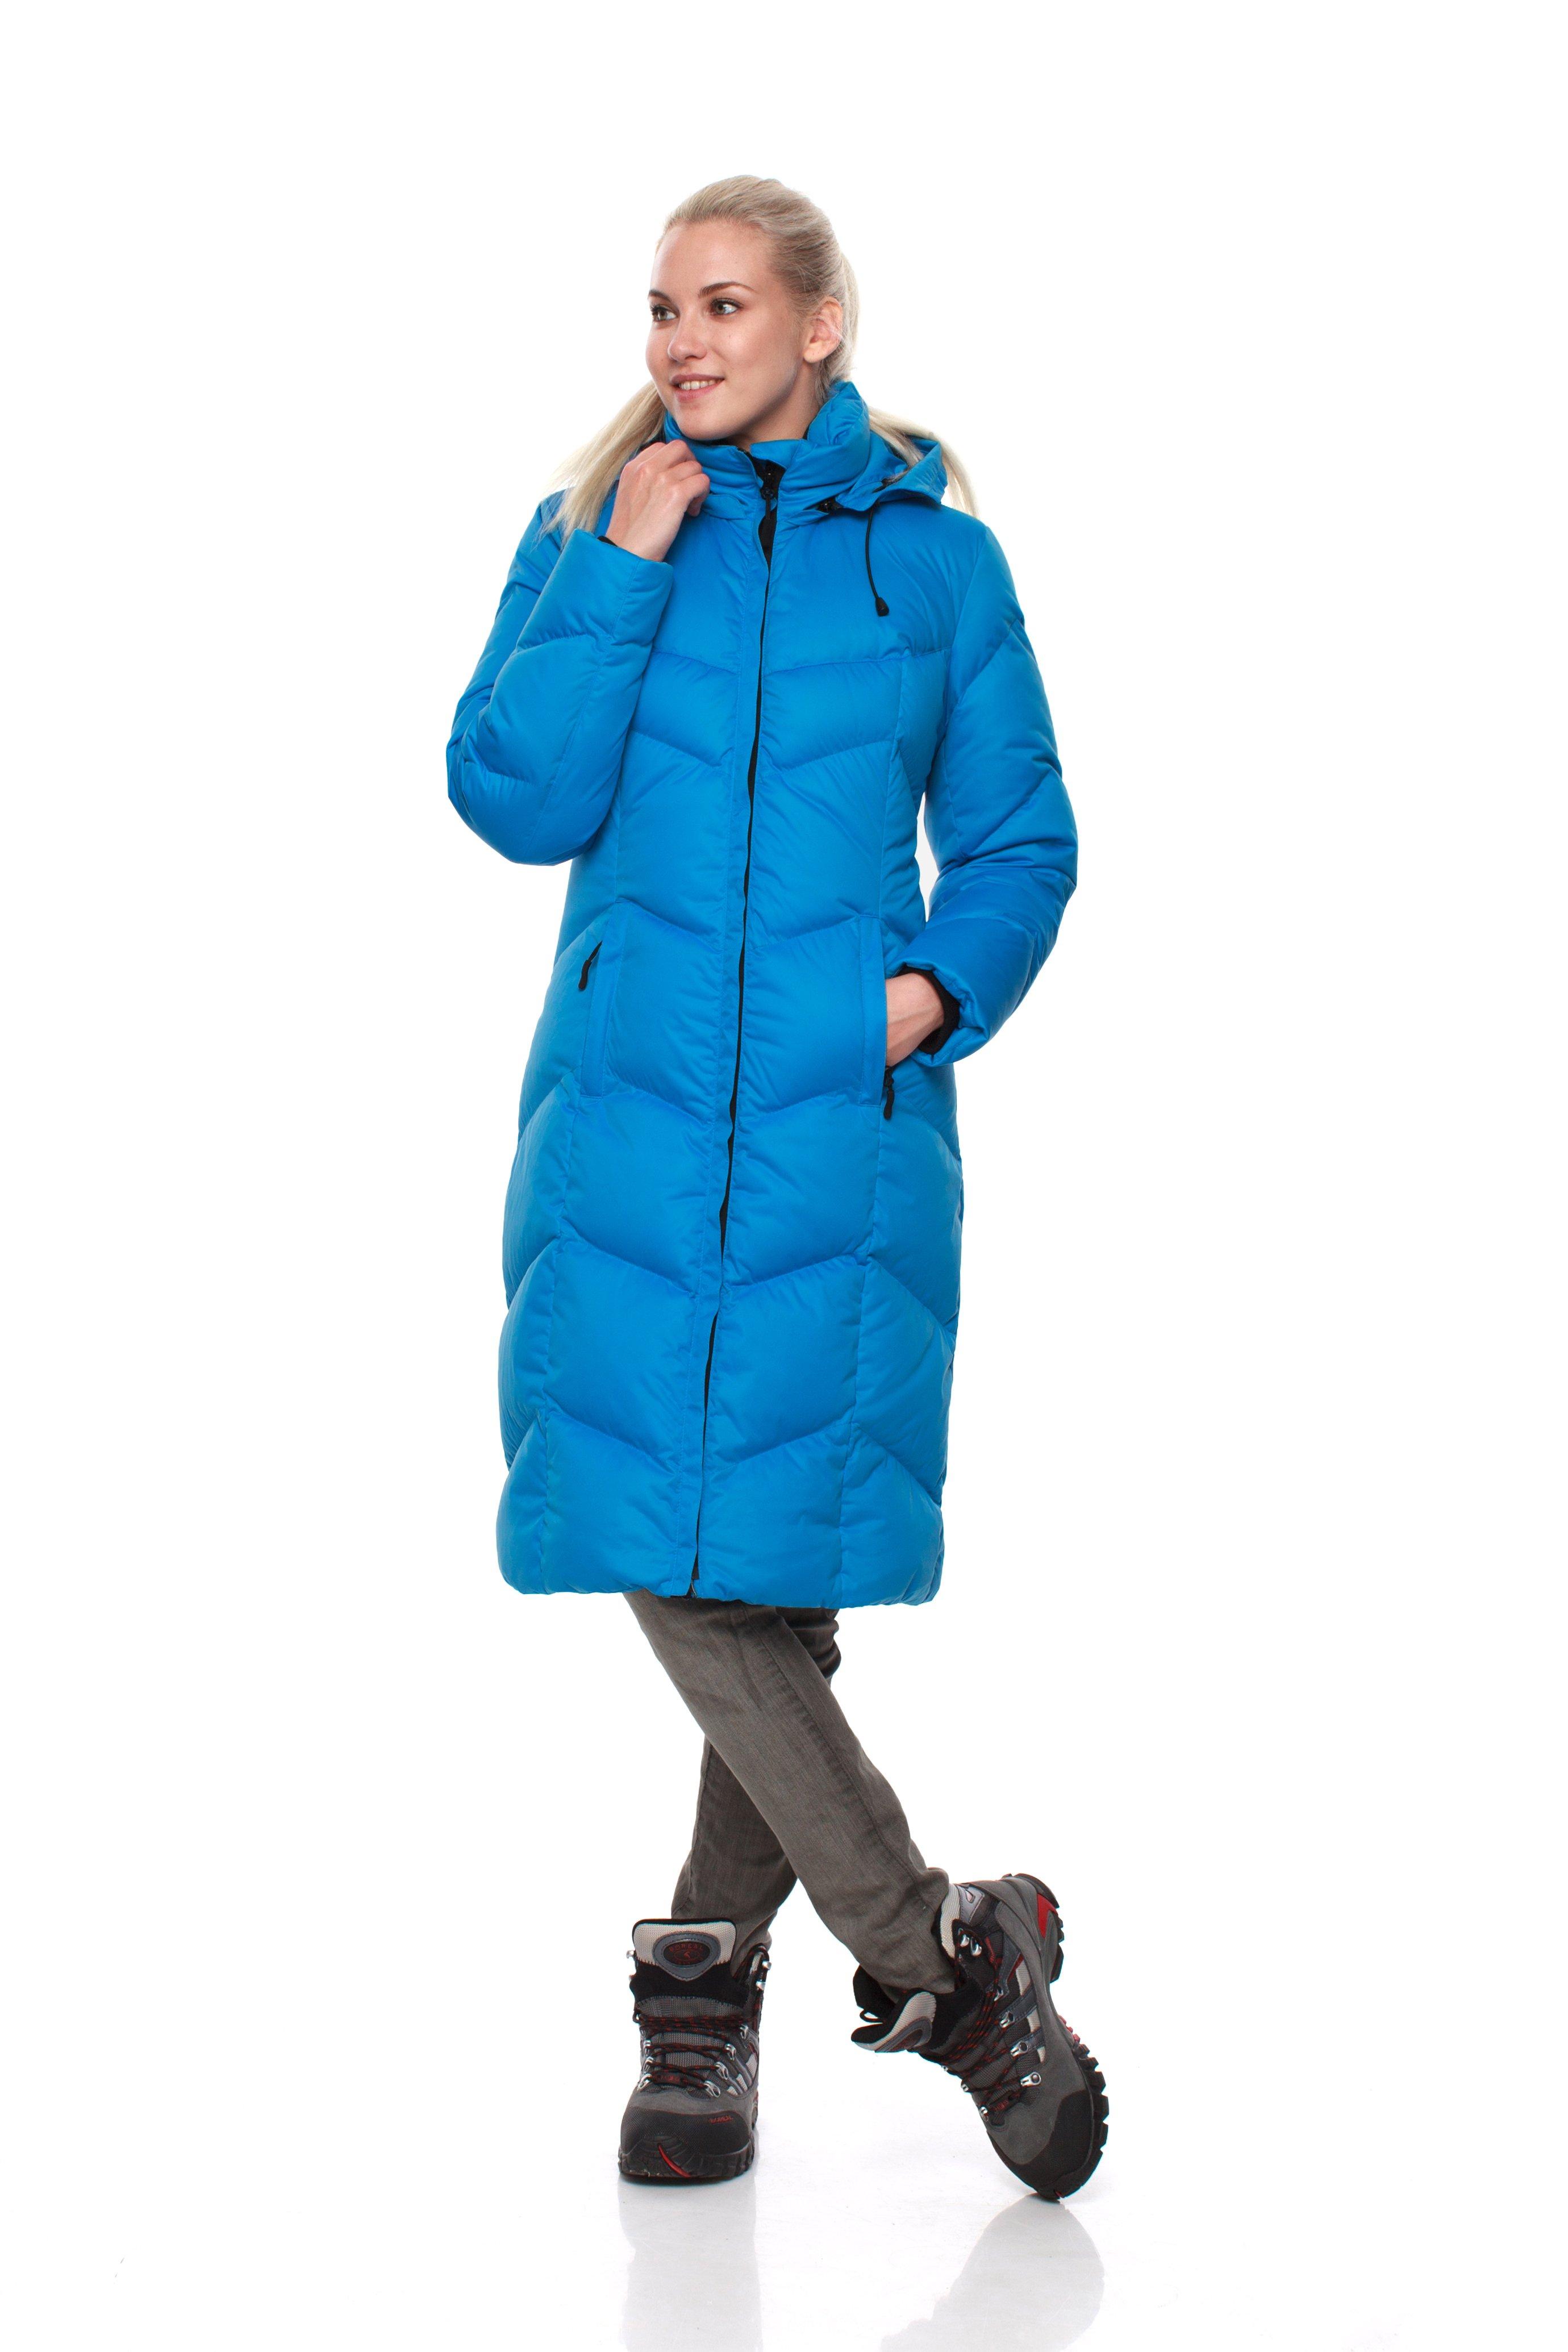 Пуховое пальто BASK SNOWFLAKE 5454Куртки<br>Тёплое зимнее женское пуховое пальто из коллекции BASK CITY. Элегантный силуэт и модные расцветки. Капюшон с отстегивающейся меховой опушкой.<br><br>Верхняя ткань: Advance® Ice<br>Вес граммы: 1700<br>Вес утеплителя: 320<br>Ветро-влагозащитные свойства верхней ткани: Нет<br>Ветрозащитная планка: Да<br>Ветрозащитная юбка: Нет<br>Влагозащитные молнии: Нет<br>Внутренние манжеты: Да<br>Внутренняя ткань: Advance® Classic<br>Дублирующий центральную молнию клапан: Да<br>Защитный козырёк капюшона: Нет<br>Капюшон: Съемный<br>Карман для средств связи: Нет<br>Количество внешних карманов: 2<br>Количество внутренних карманов: 2<br>Мембрана: Нет<br>Объемный крой локтевой зоны: Нет<br>Отстёгивающиеся рукава: Нет<br>Показатель Fill Power (для пуховых изделий): 700<br>Проклейка швов: Нет<br>Регулировка манжетов рукавов: Нет<br>Регулировка низа: Нет<br>Регулировка объёма капюшона: Нет<br>Регулировка талии: Нет<br>Регулируемые вентиляционные отверстия: Нет<br>Световозвращающая лента: Нет<br>Температурный режим: -15<br>Технология Thermal Welding: Нет<br>Технология швов: Простые<br>Тип молнии: Двухзамковая<br>Тип утеплителя: Натуральный<br>Усиление контактных зон: Нет<br>Утеплитель: Гусиный пух<br>Размер INT: L<br>Цвет: СИНИЙ